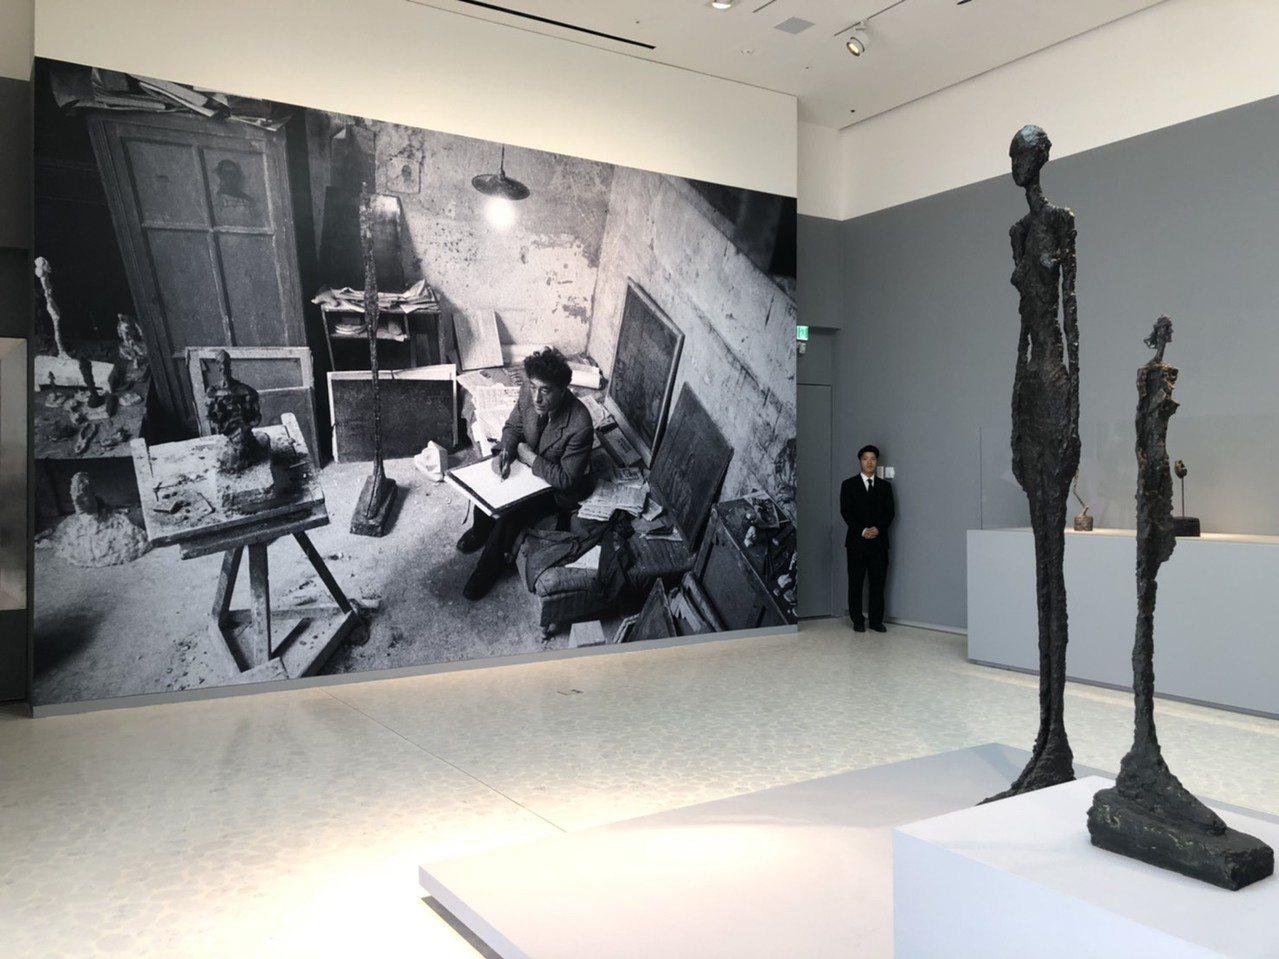 首爾旗艦店Espace空間開幕展為賈柯梅蒂作品。記者楊詩涵/攝影